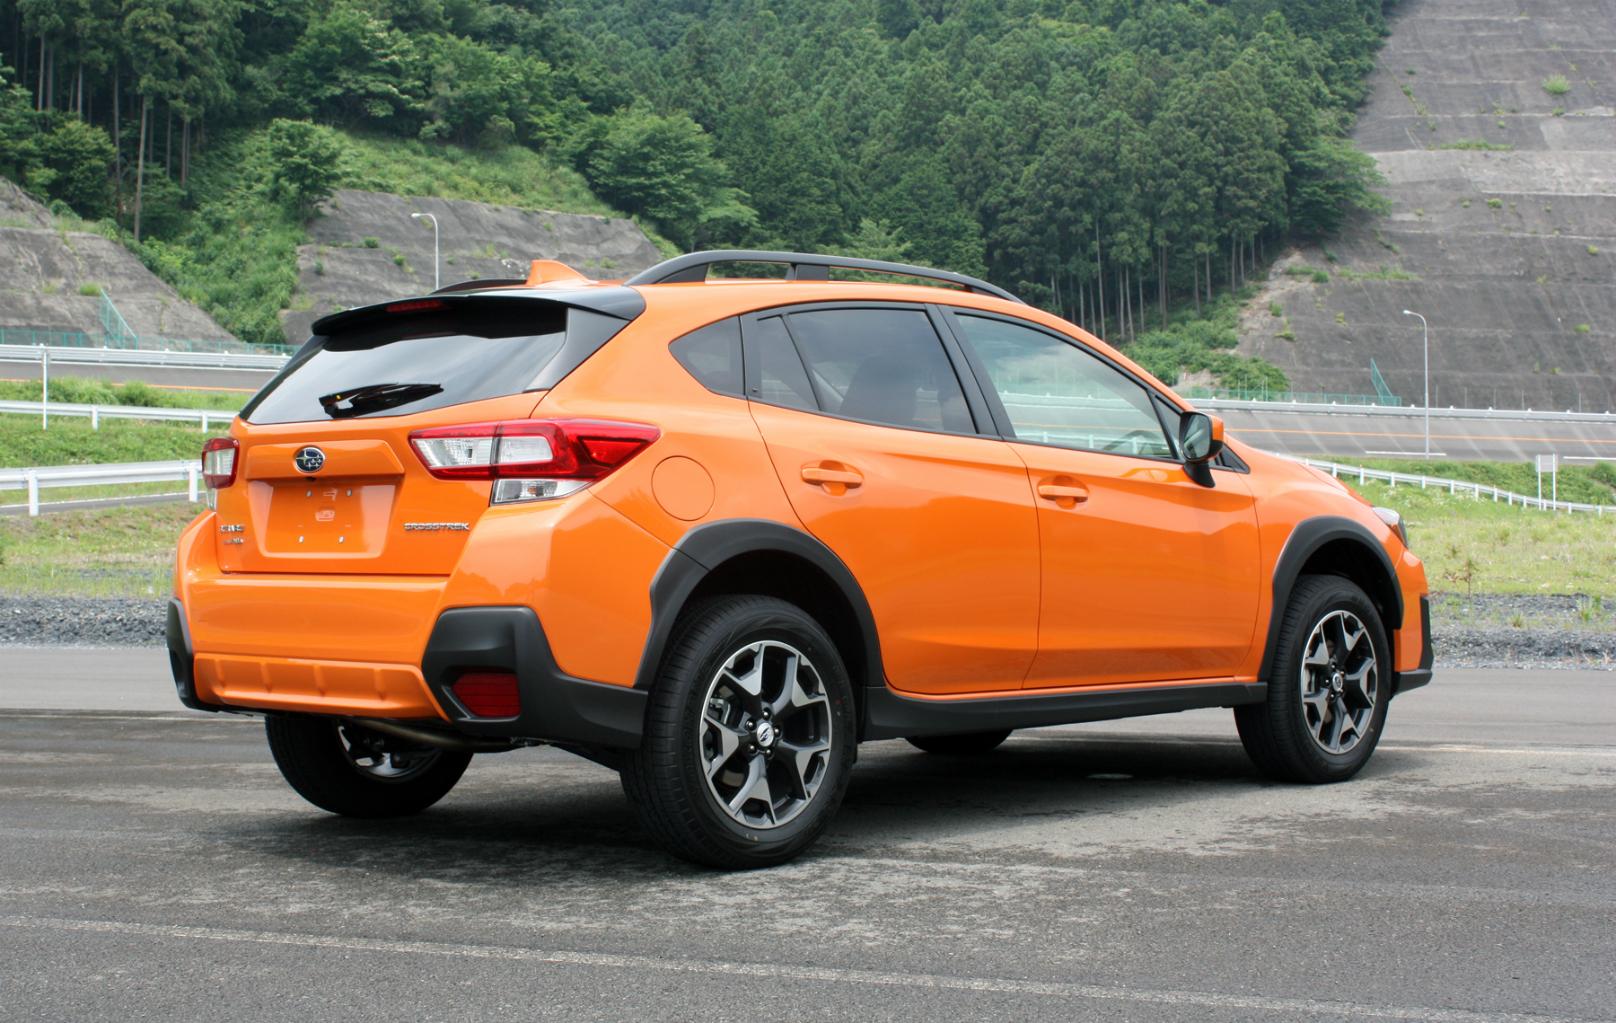 Towing Capacity Subaru Crosstrek >> Crosstrek Now Even More Appealing to Adventurers - WHEELS.ca